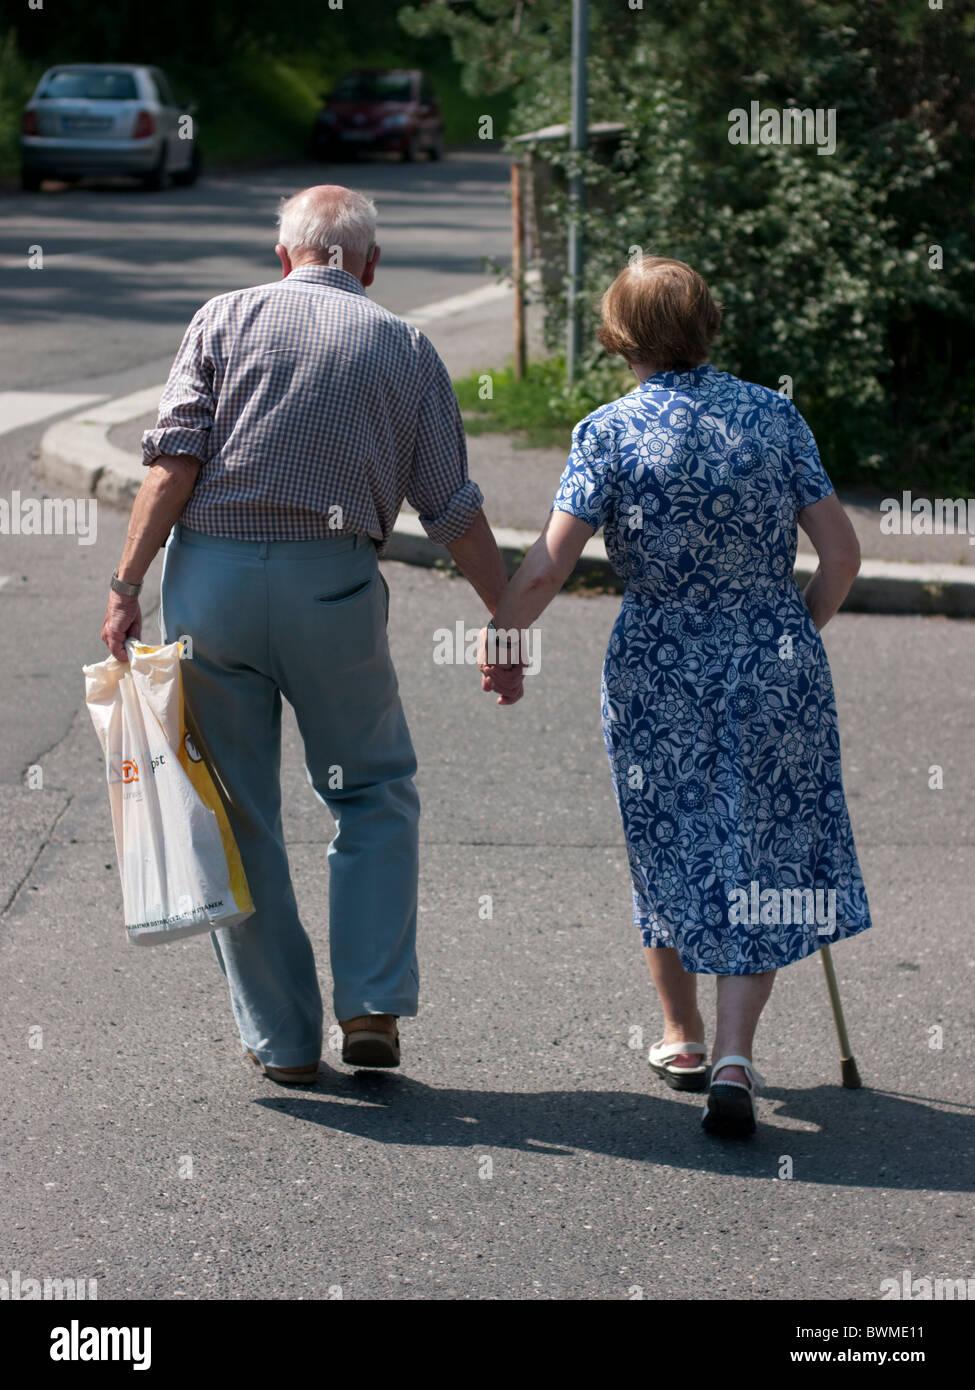 Una Pareja De Ancianos Caminando Por La Calle Tomados De La Mano En